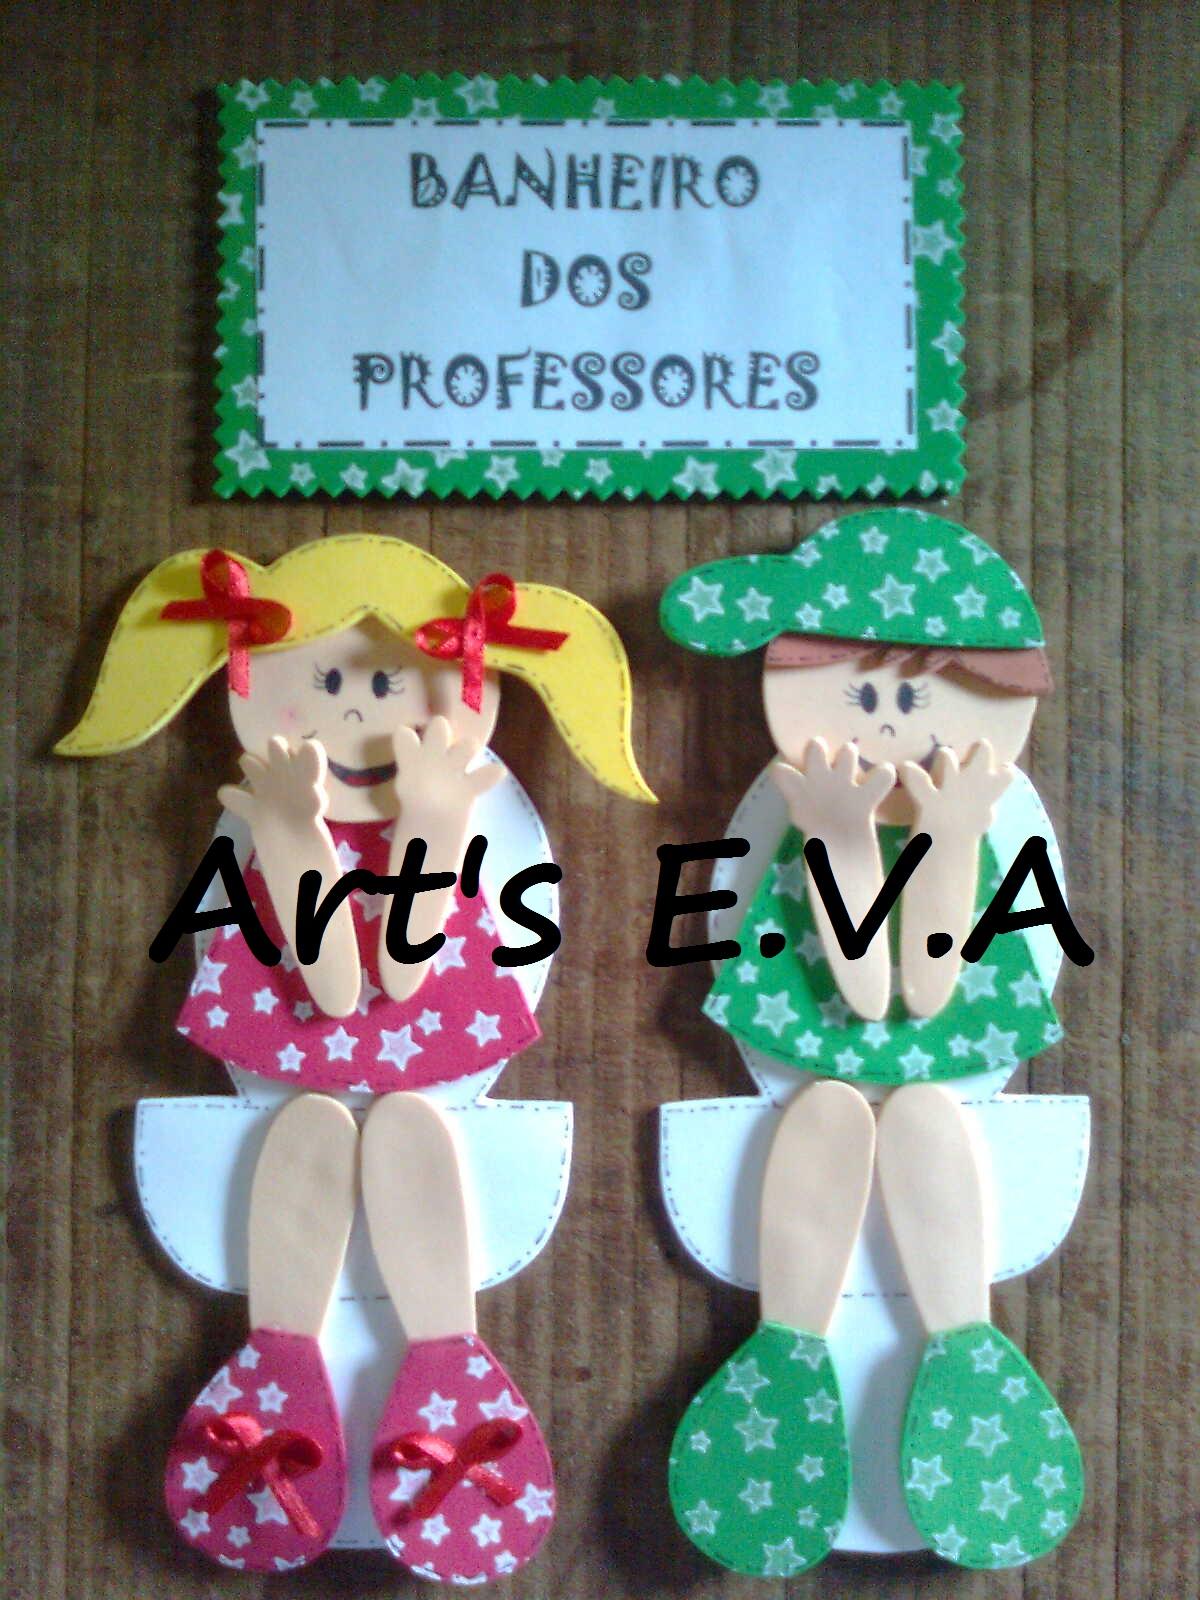 Art's E.V.A: Guirlandas para porta de banheiro #277DA4 1200x1600 Banheiro Azul Banda